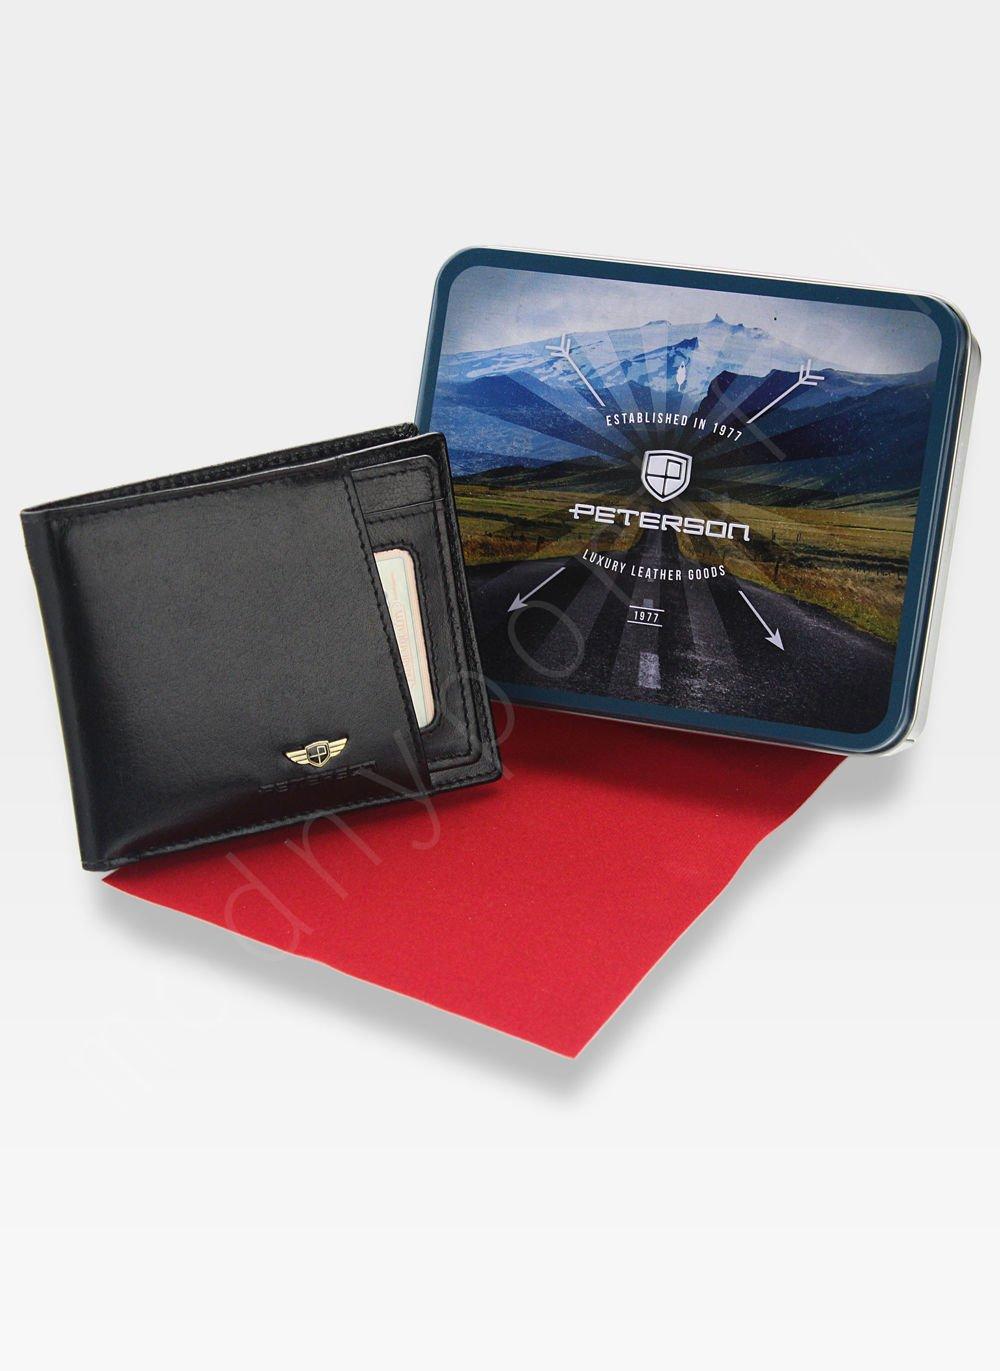 12d4ee53fa8d2 Portfel Męski Z Wkładką Cardholder Peterson Skórzany 381 Czarny RFID STOP  Kliknij, aby powiększyć ...